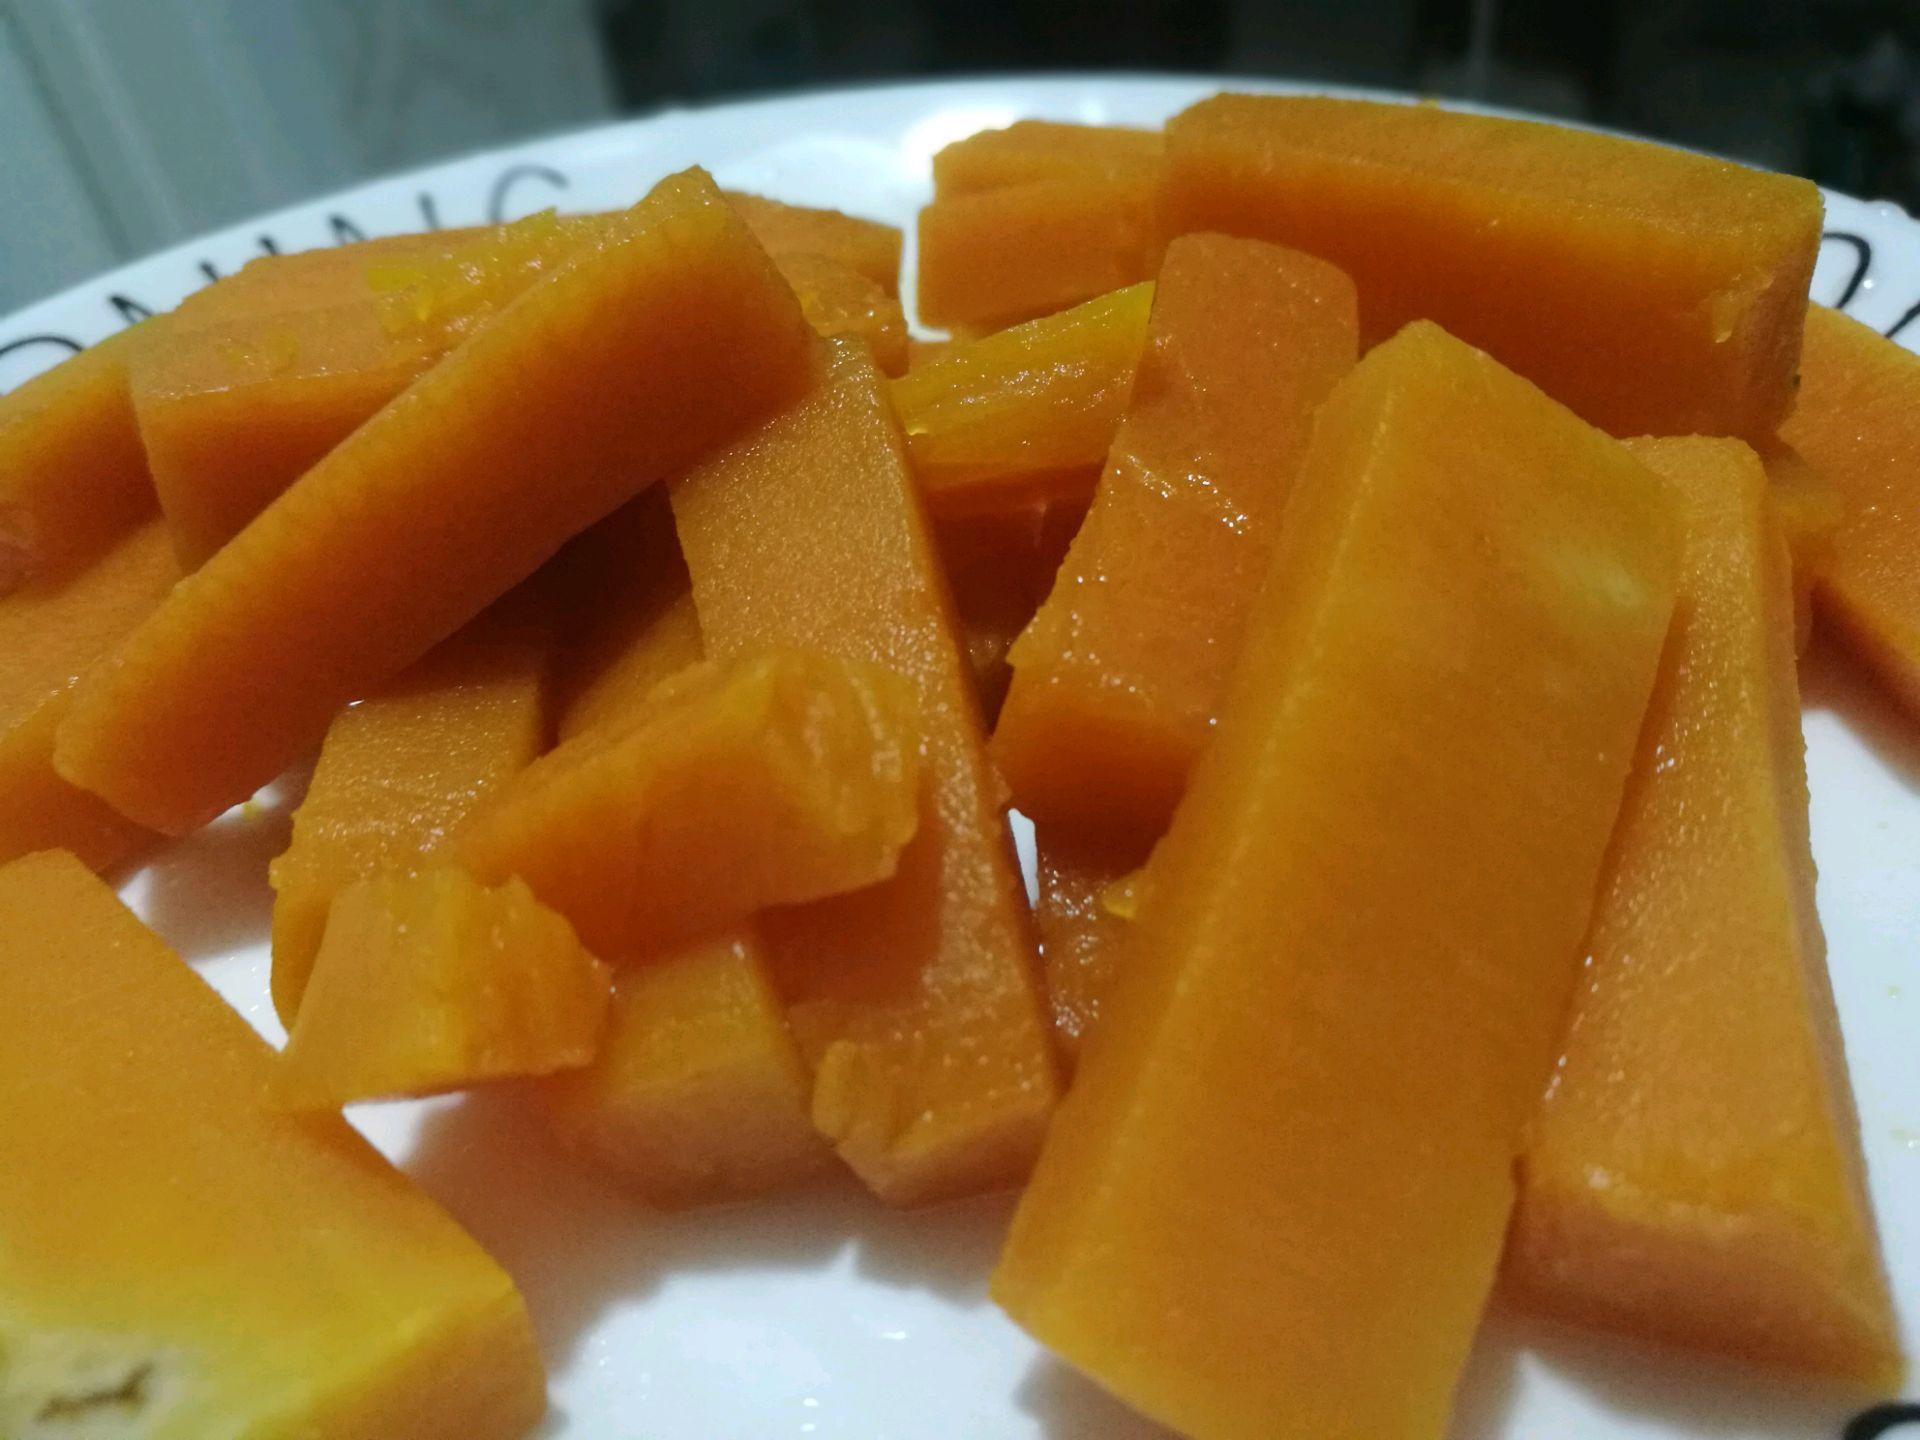 咸蛋黄焗南瓜的做法图解4